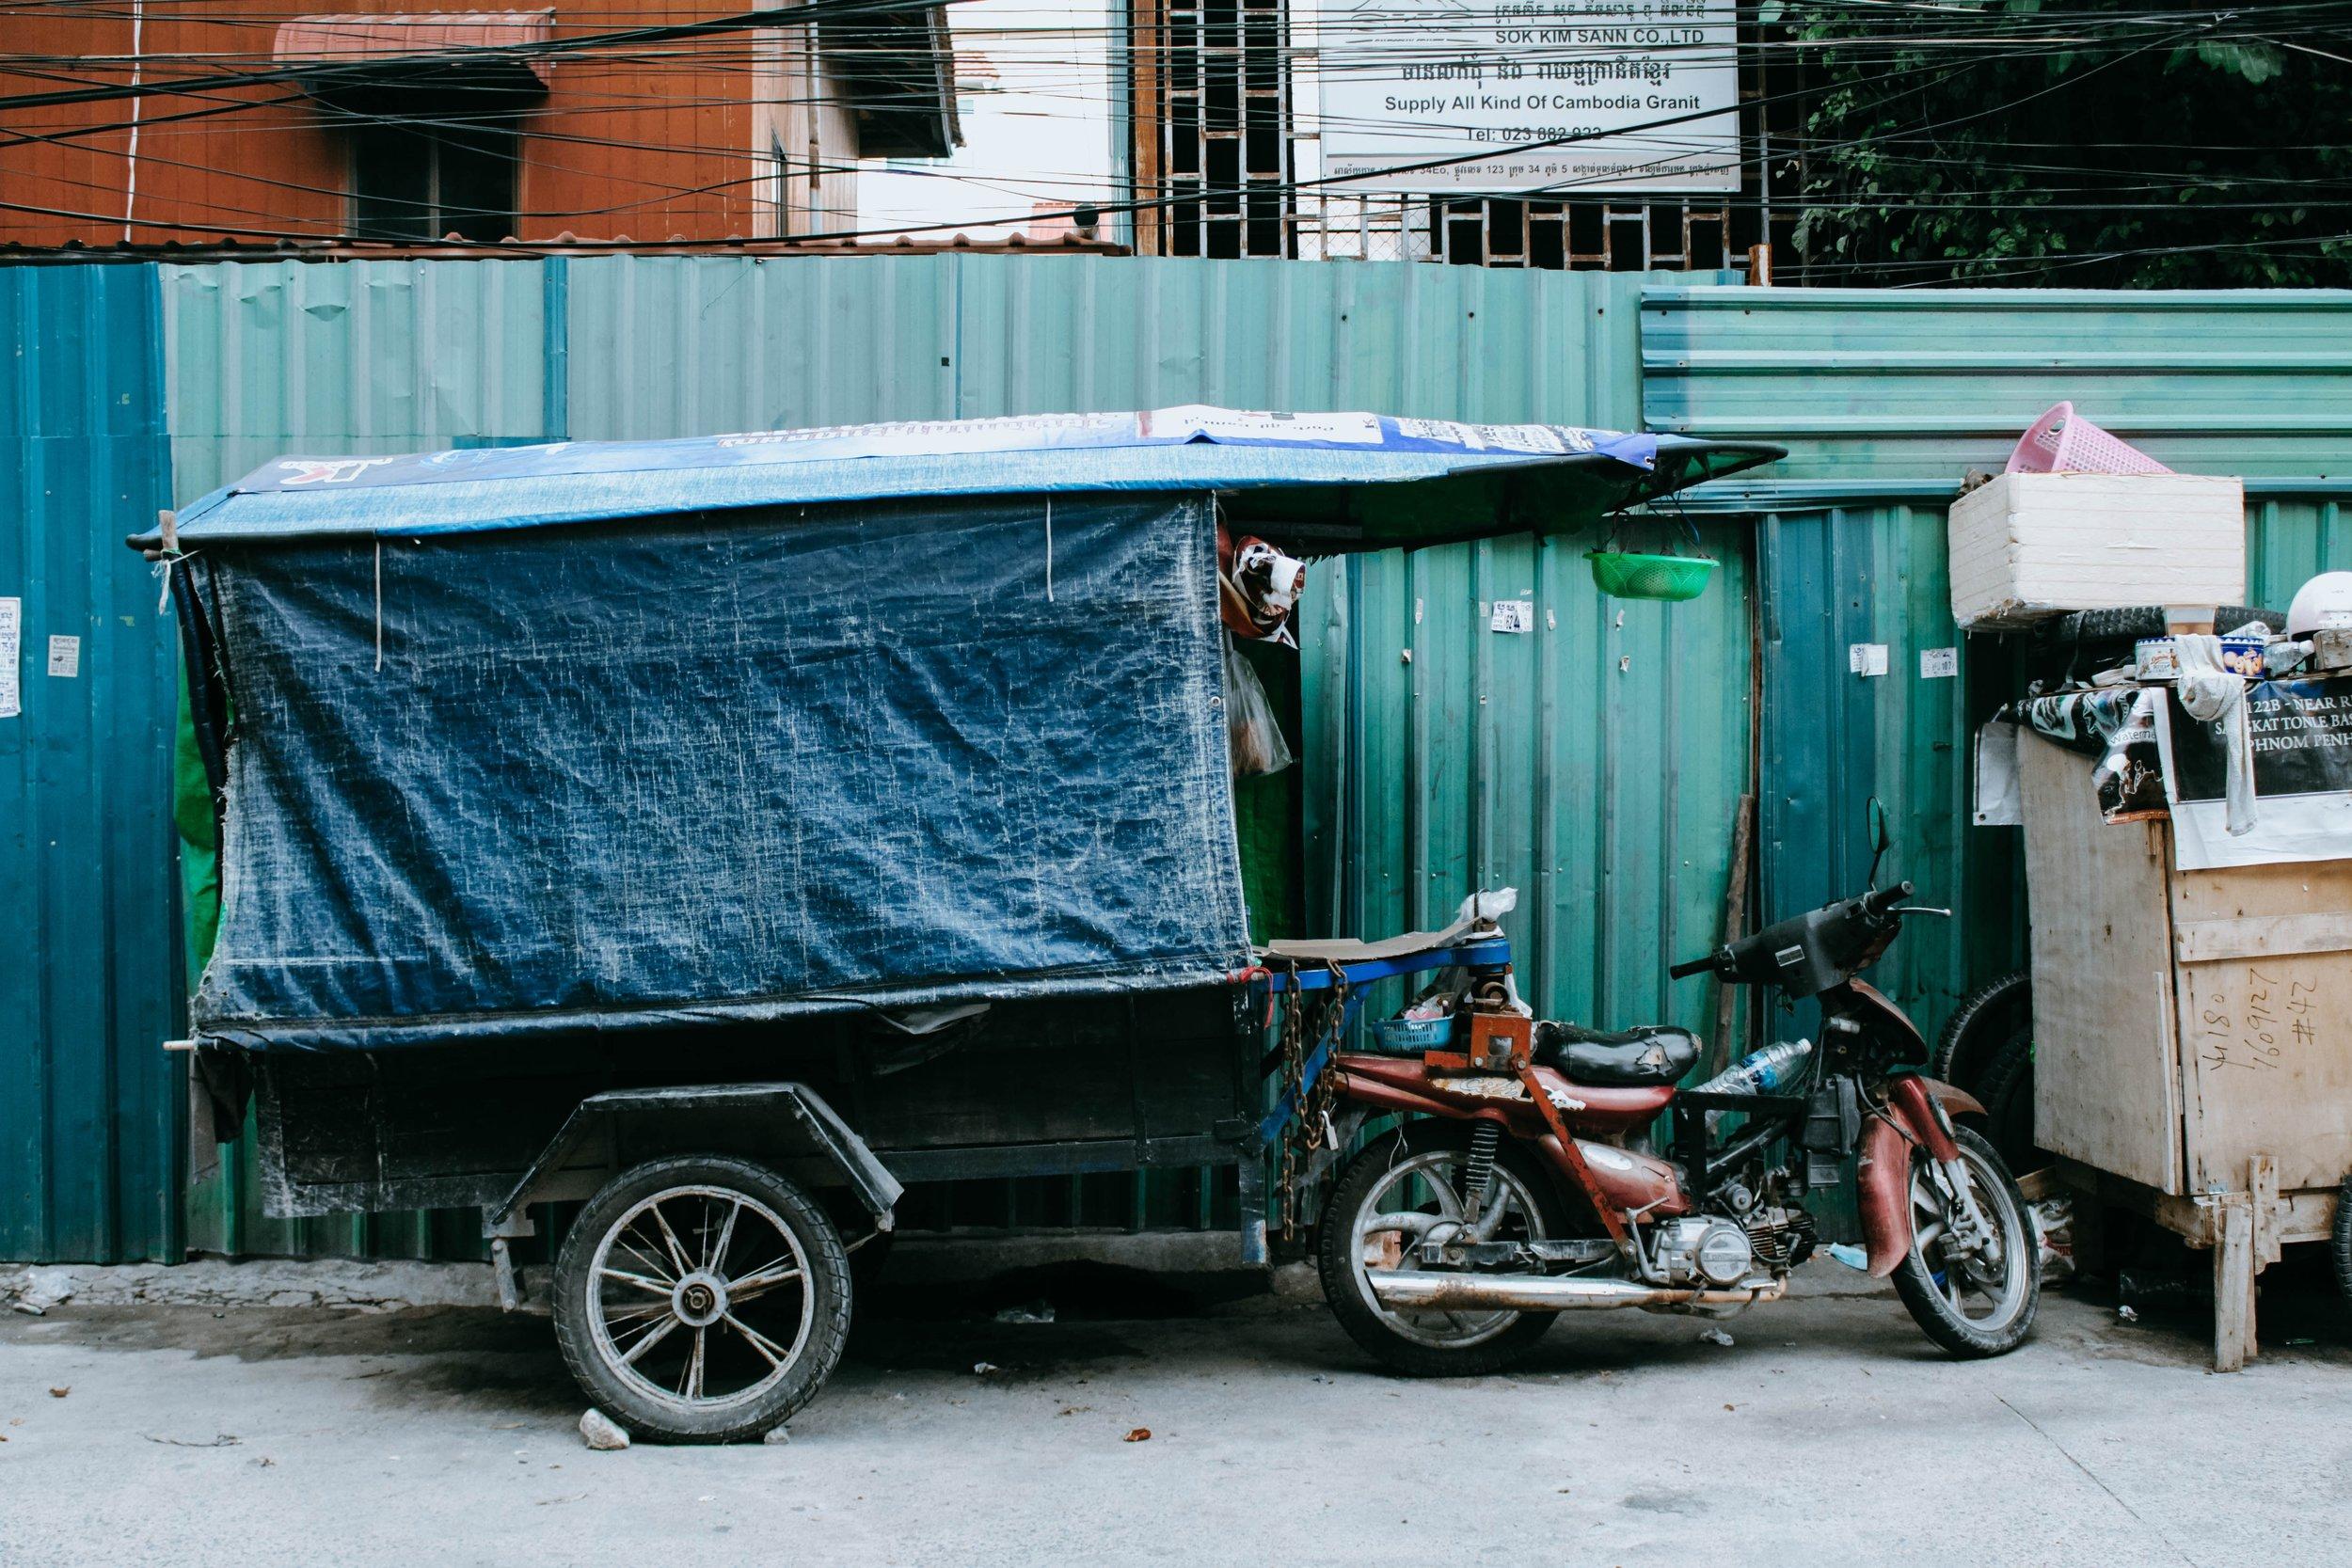 Una postal urbana de Phnom Penh, la capital de Camboya.